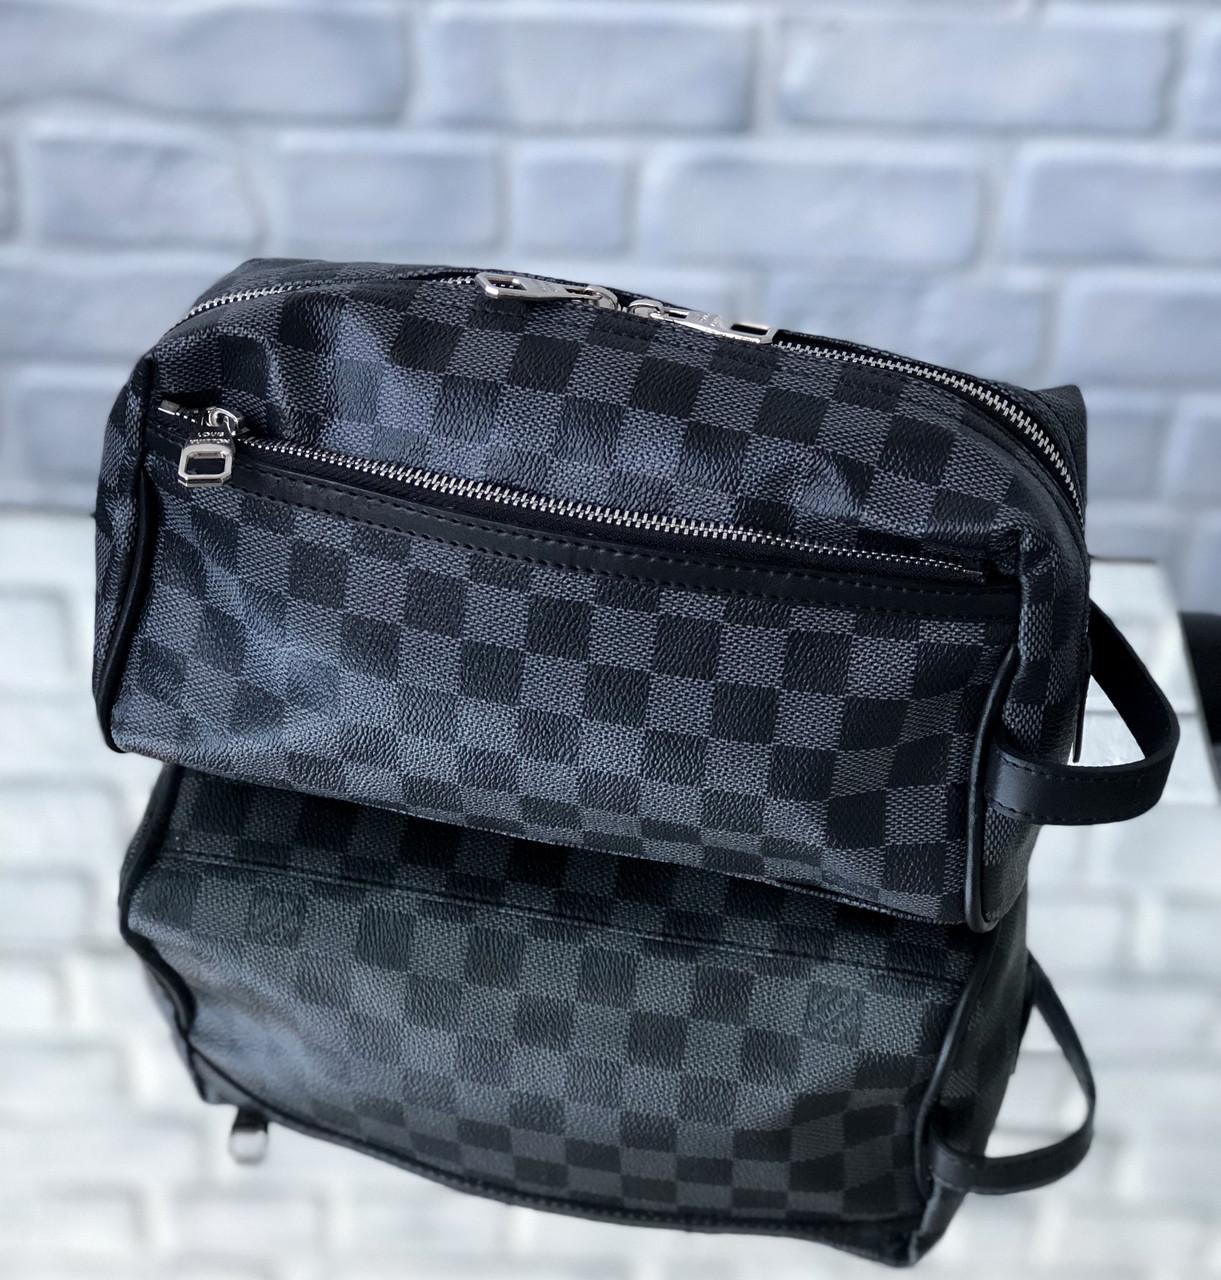 fbeee578fce8 Барсетка Louis Vuitton D2137 серо-черная - купить по лучшей цене, от ...